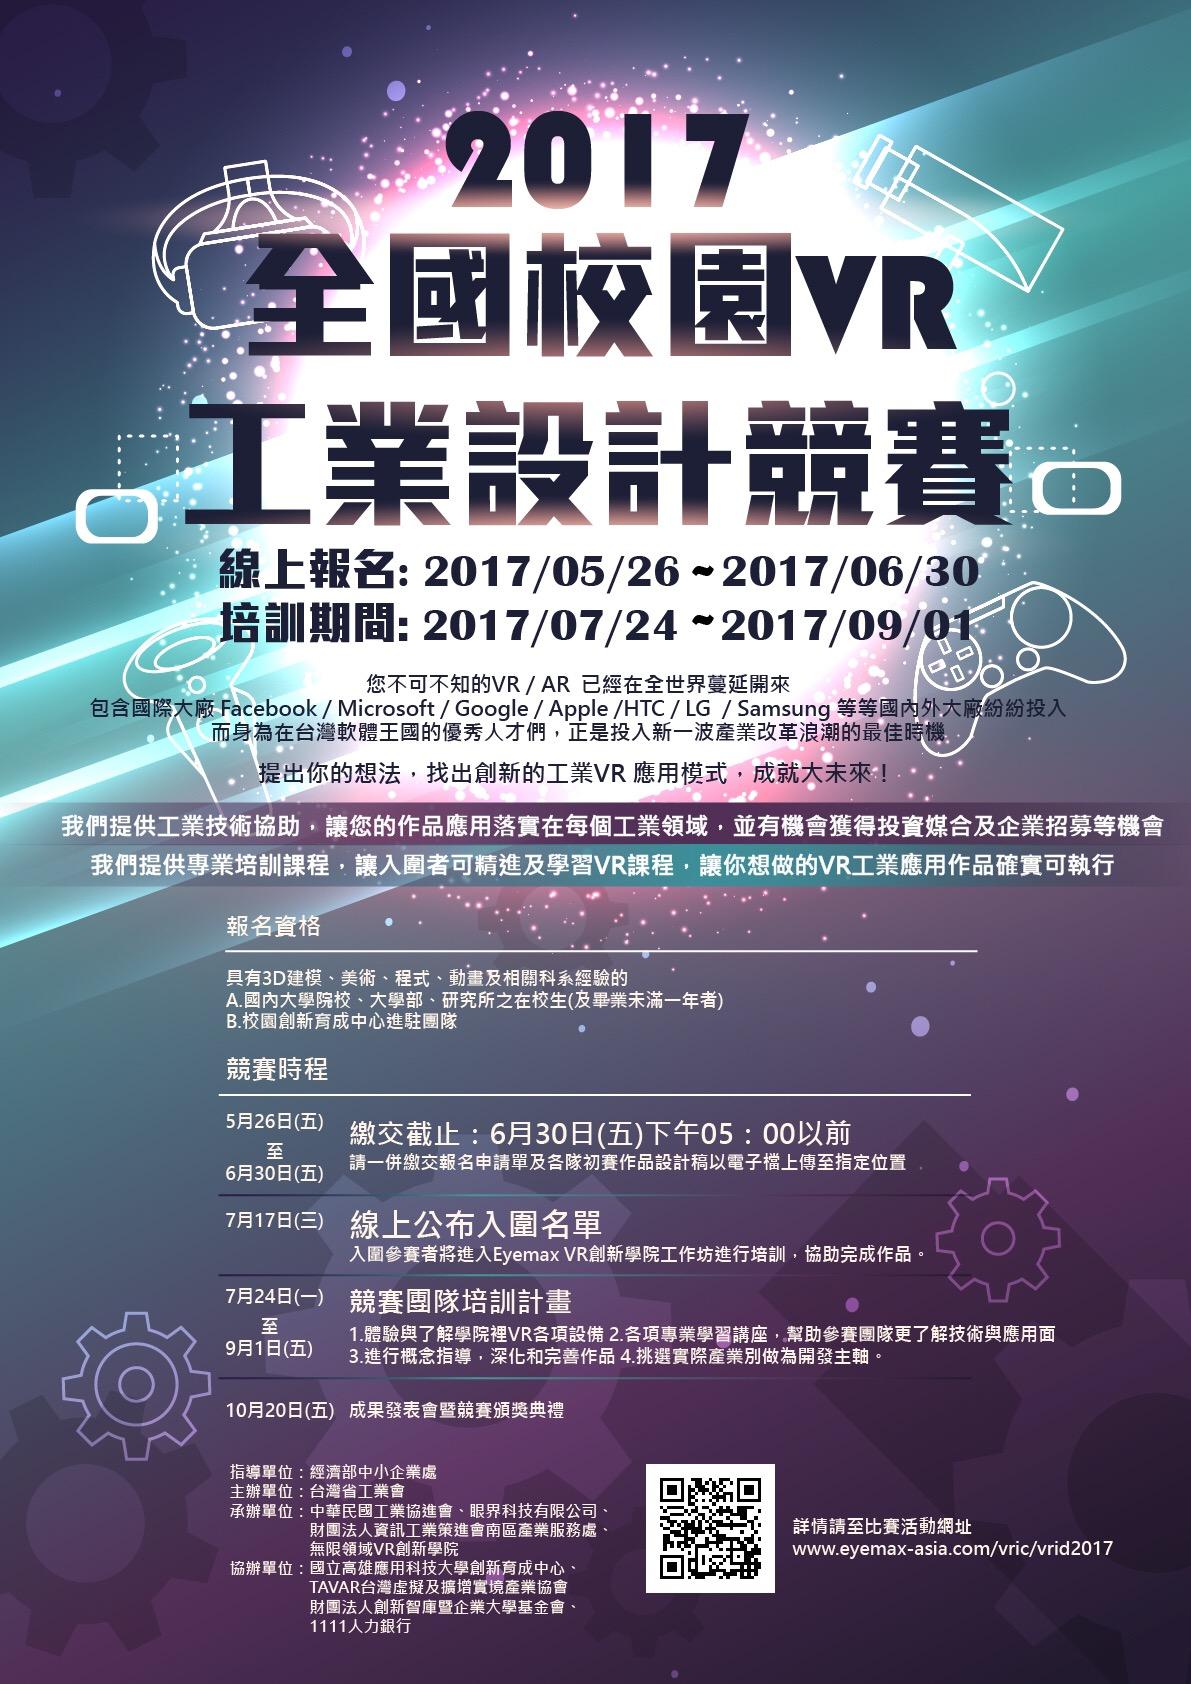 2017全國校園VR工業設計競賽